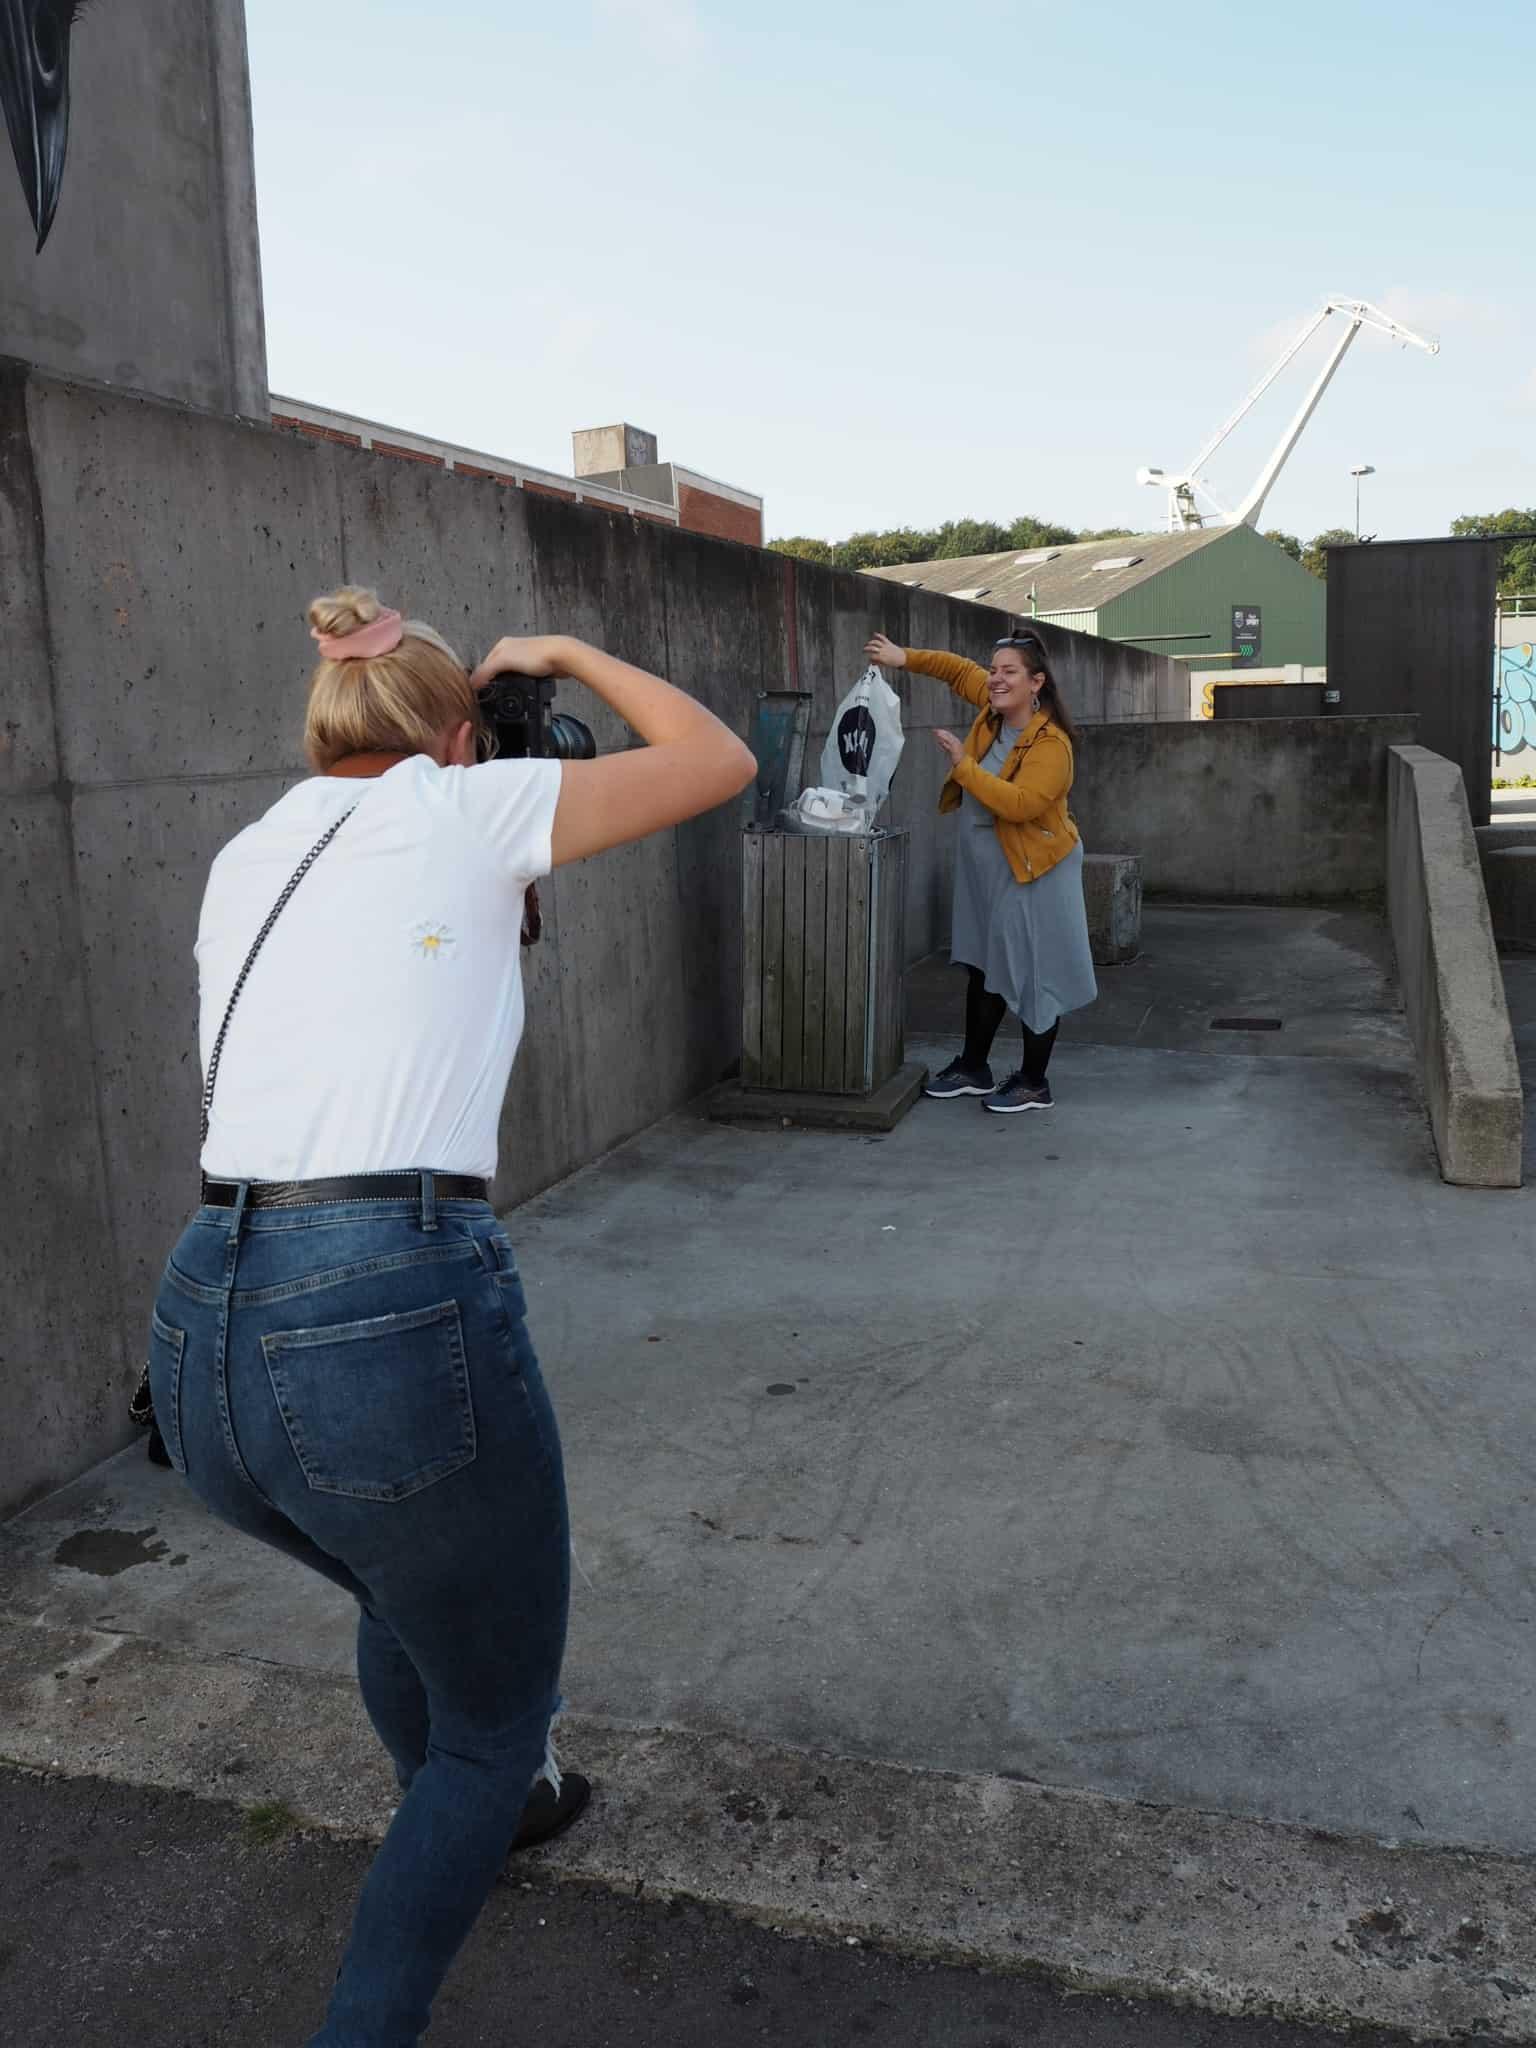 Malene var vaks og fik sat gang i en spontan skraldeindsamling og Nikki fotograferer også